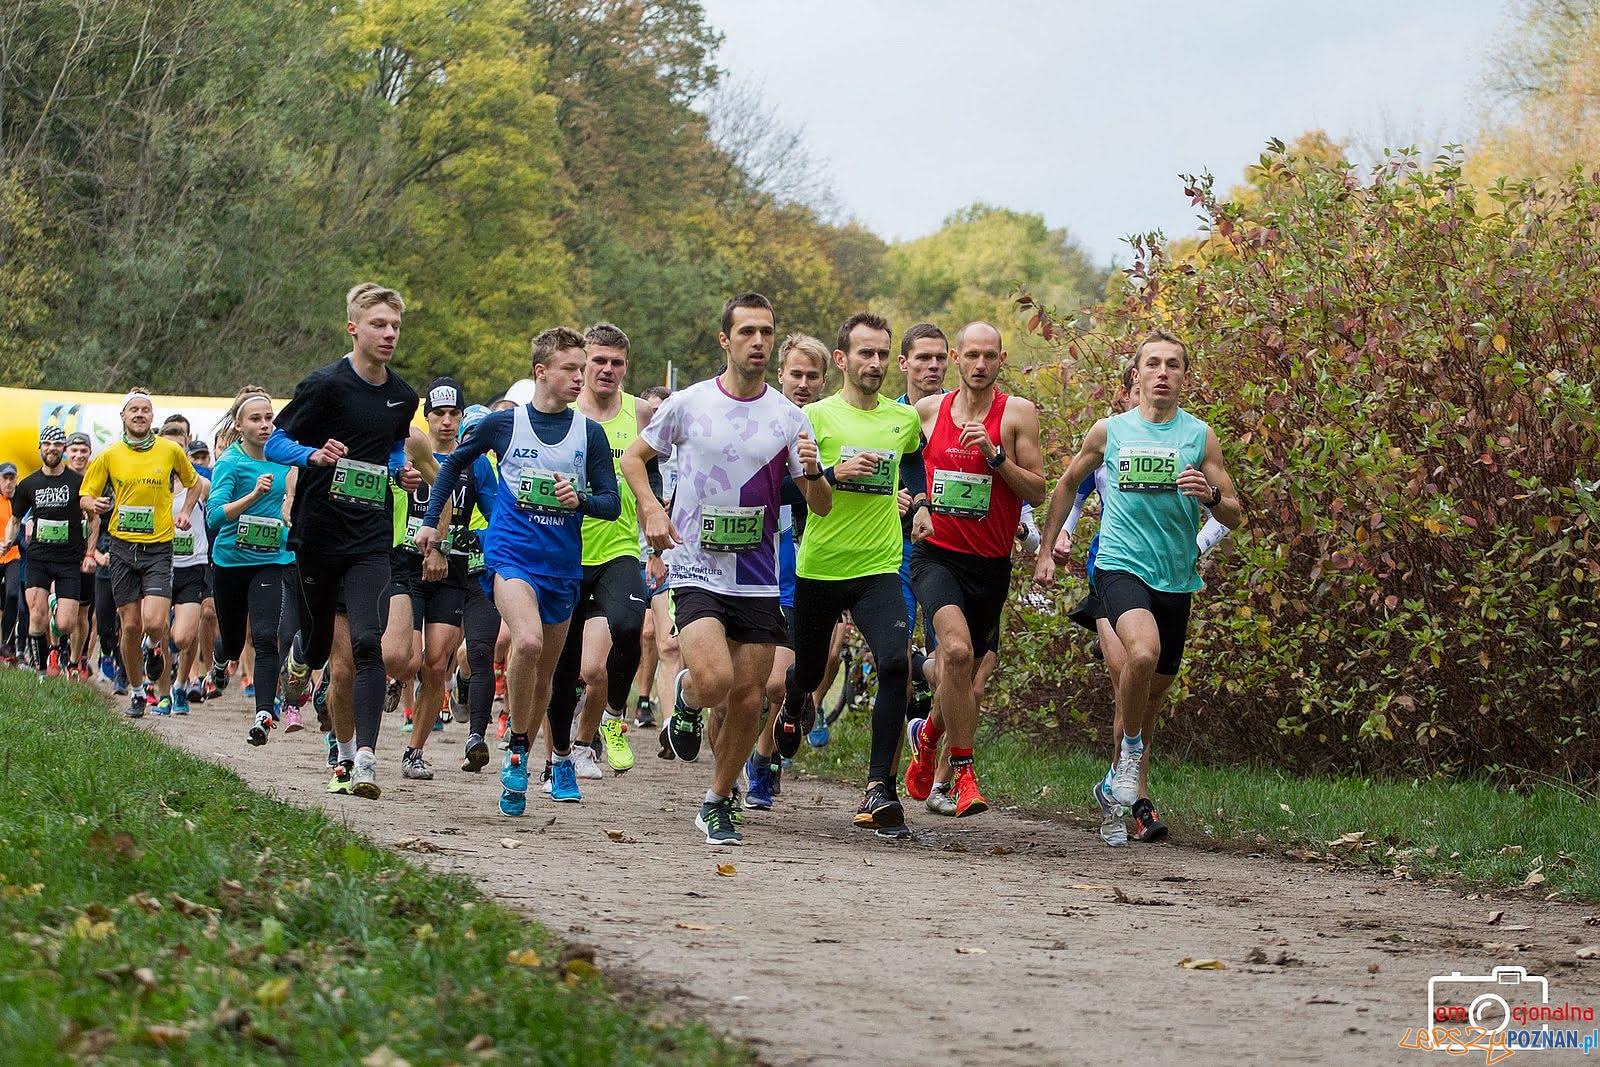 City Trail nad Rusałką  Foto: Katarzyna Goździewska / City Trail Nationale Nederlanden